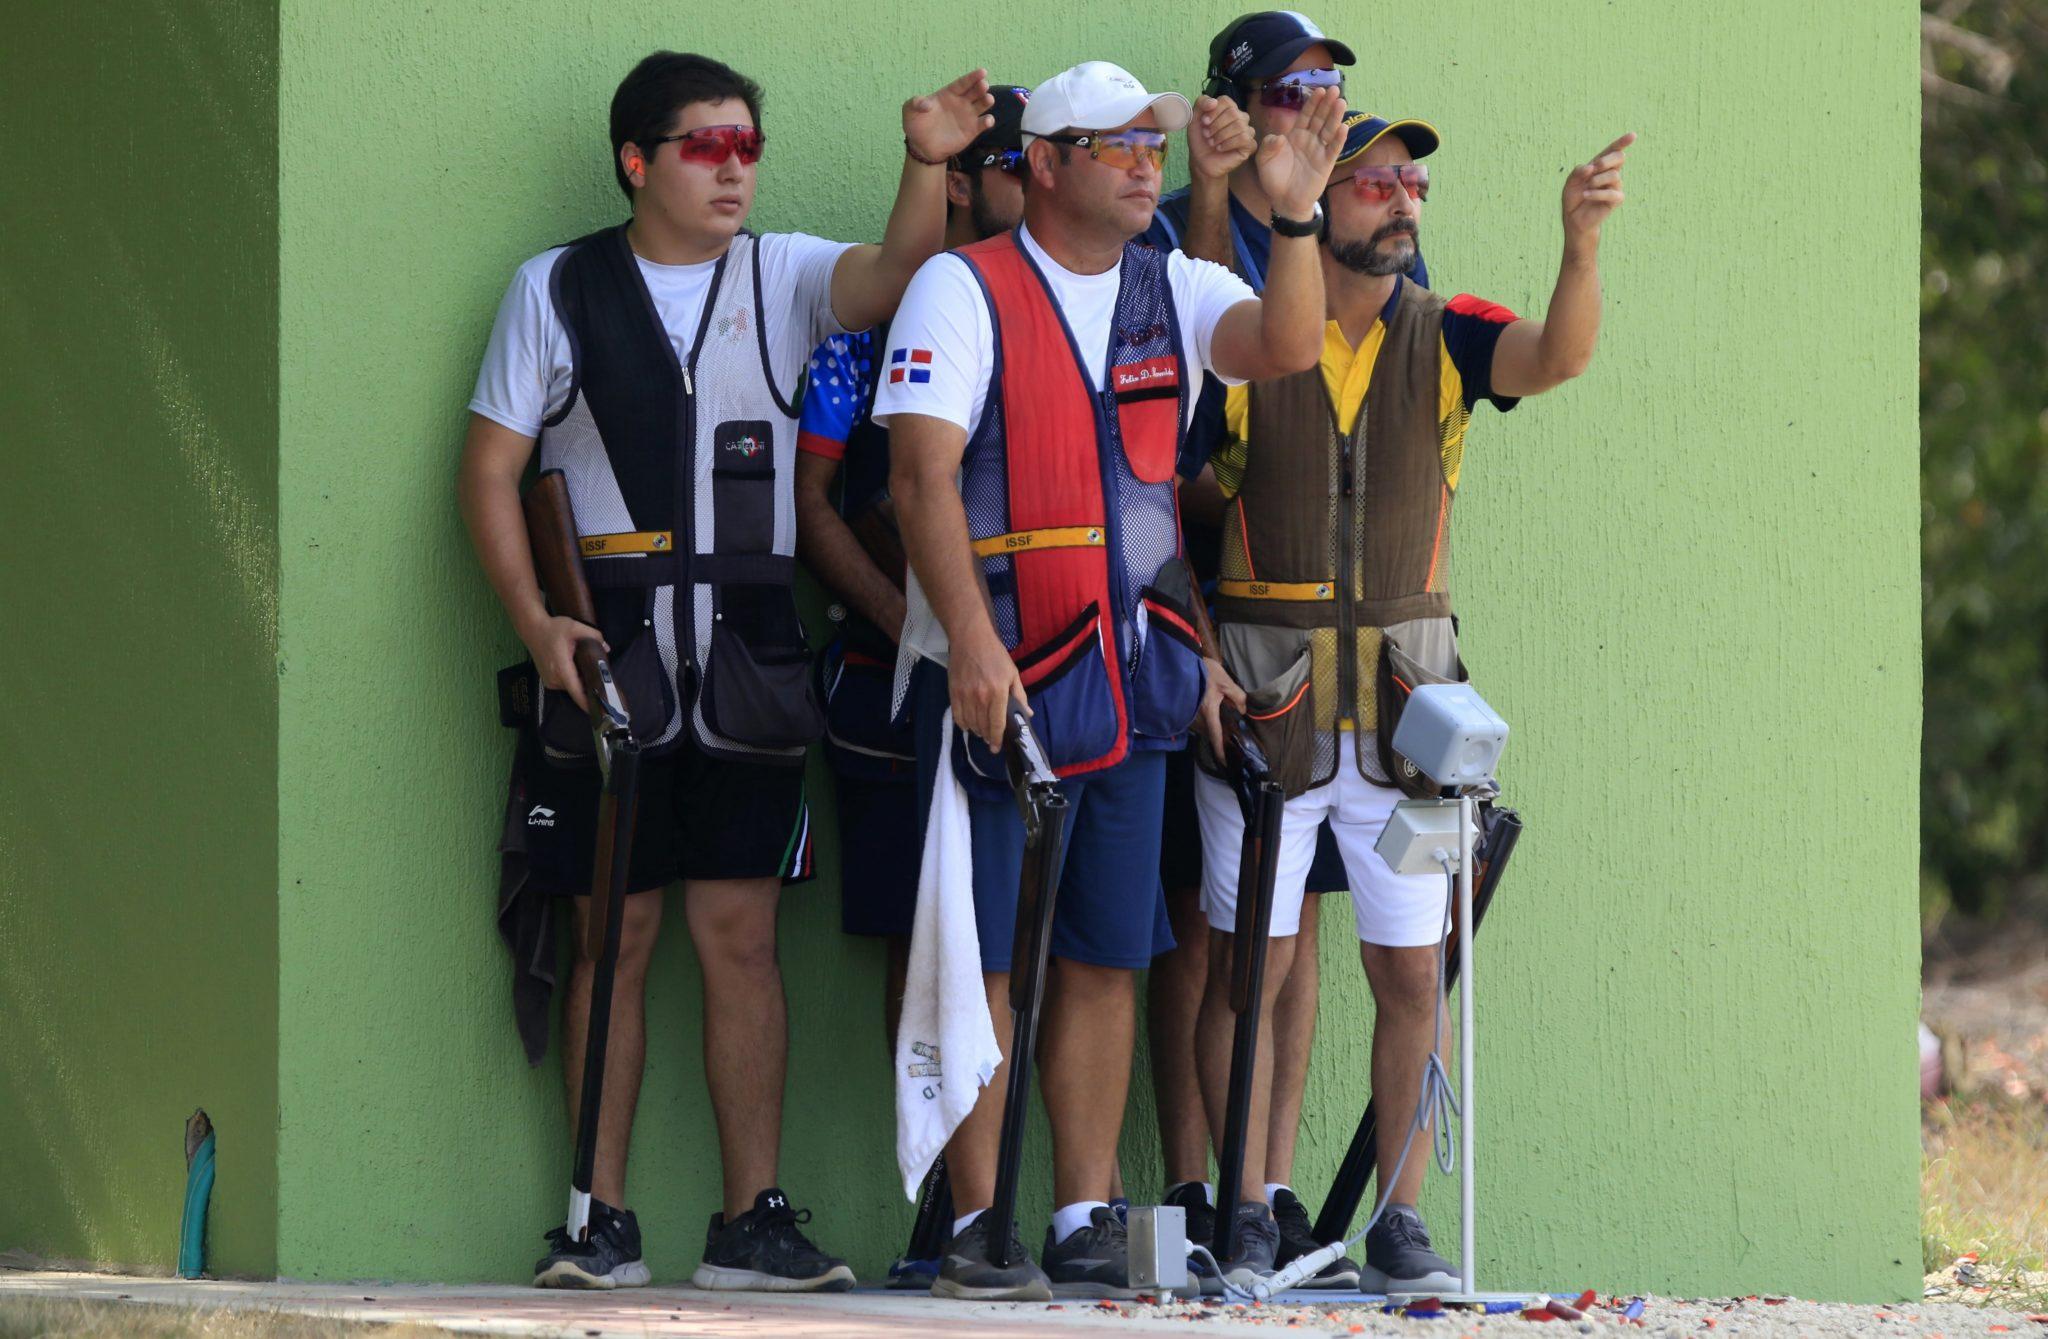 Kolumbia: zawodnicy przygotowują się do rywalizacji w strzelaniu do skeet podczas 23. Igrzysk Ameryki Środkowej i Karaibów w Barranquilla, fot. Ricardo Maldonado Rozo, PAP/EPA.